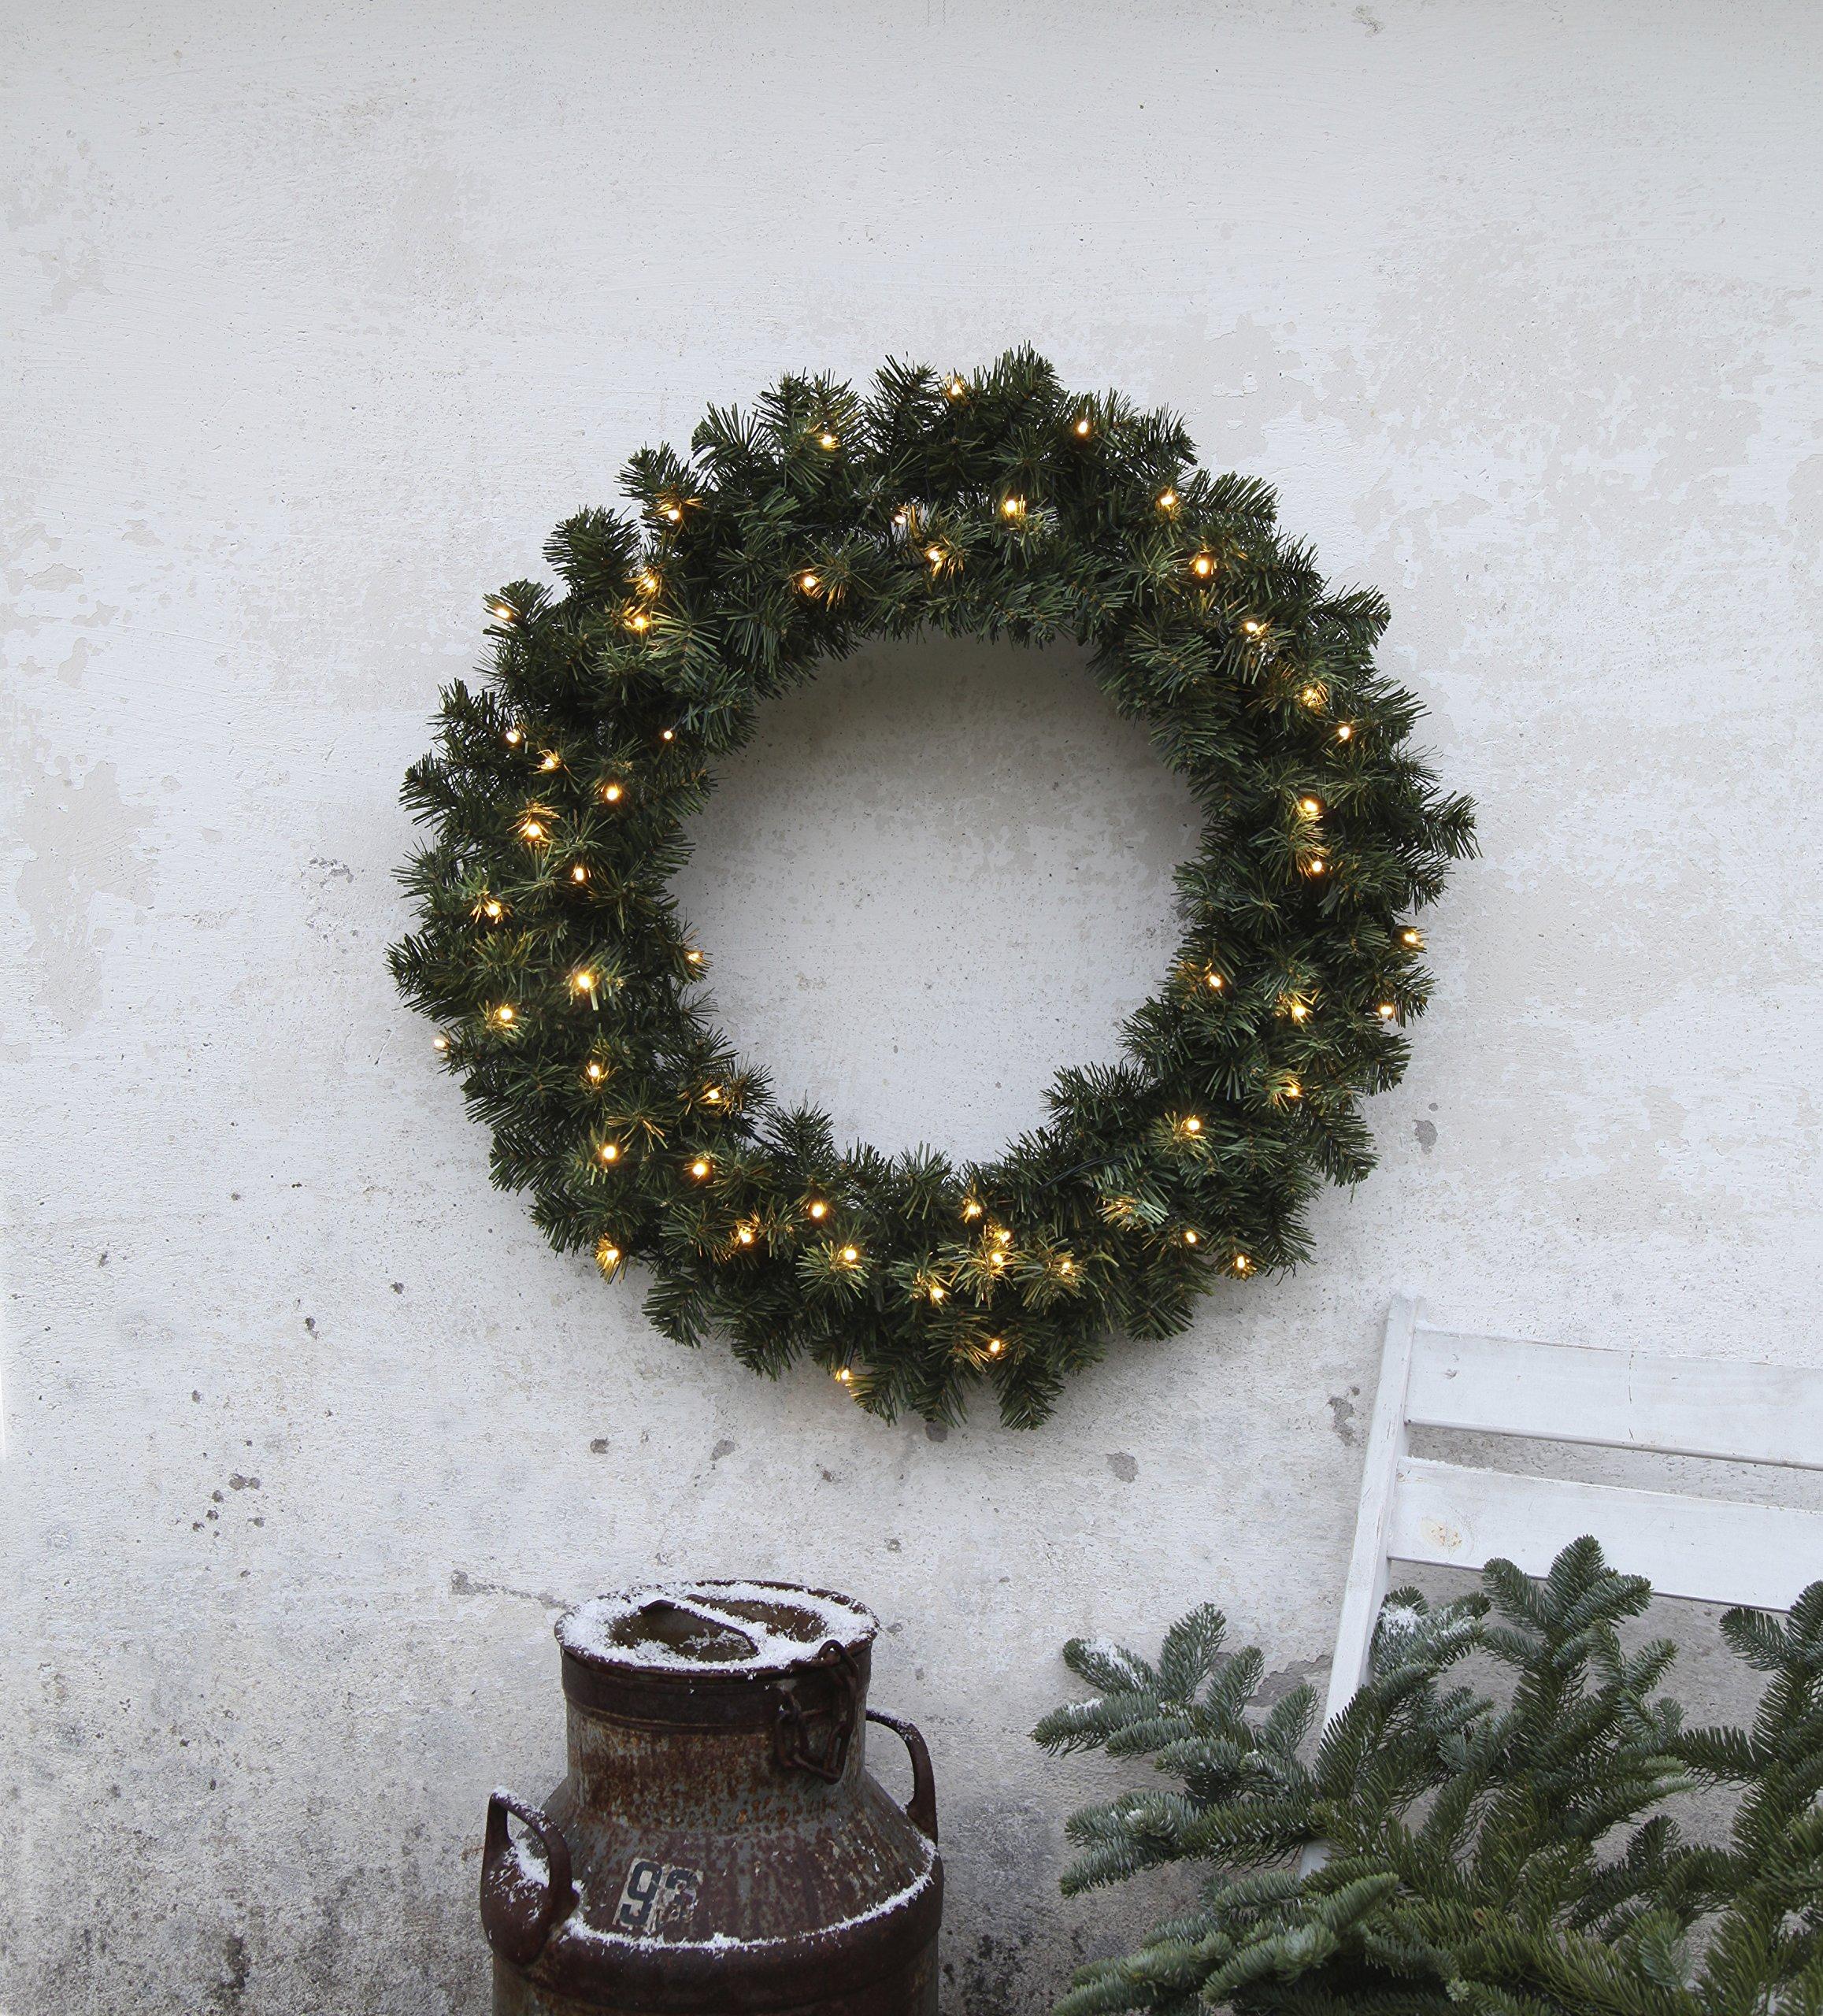 Star-LED-TannenkranzOttawa-beleuchtet-50-warmwei-LED-outdoor-Trafo-Karton-Durchmesser-70-cm-612-51